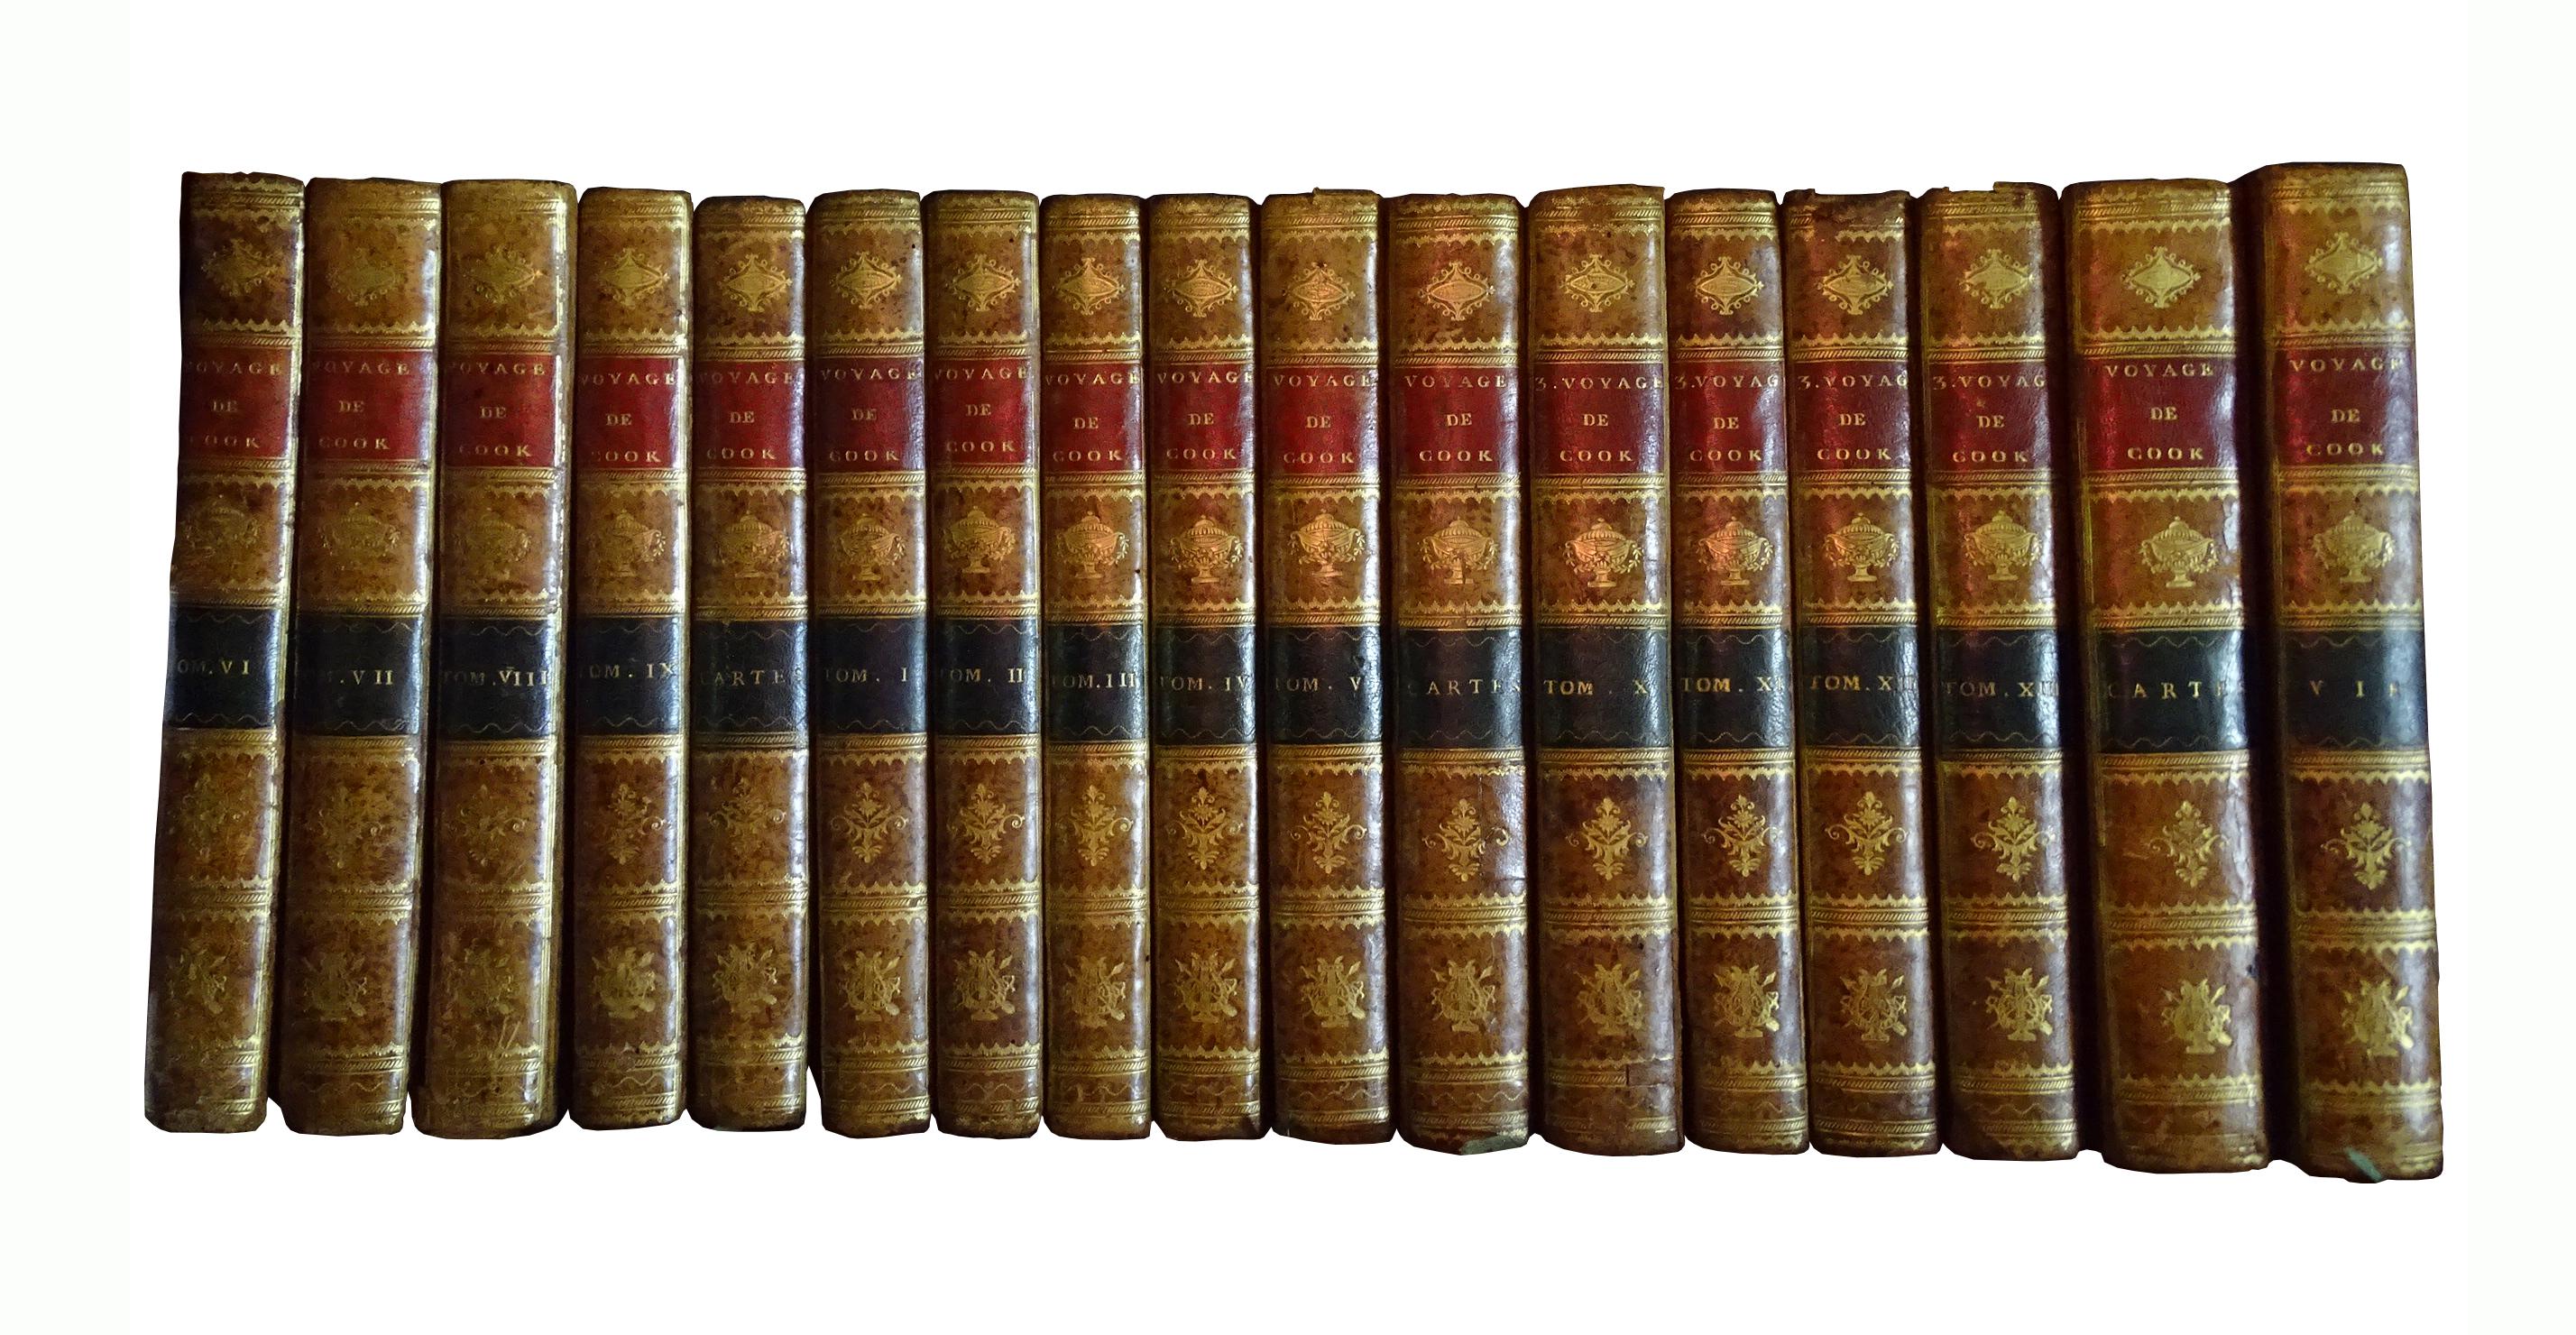 La collection complète des voyages de Cook comprend 17 volumes.